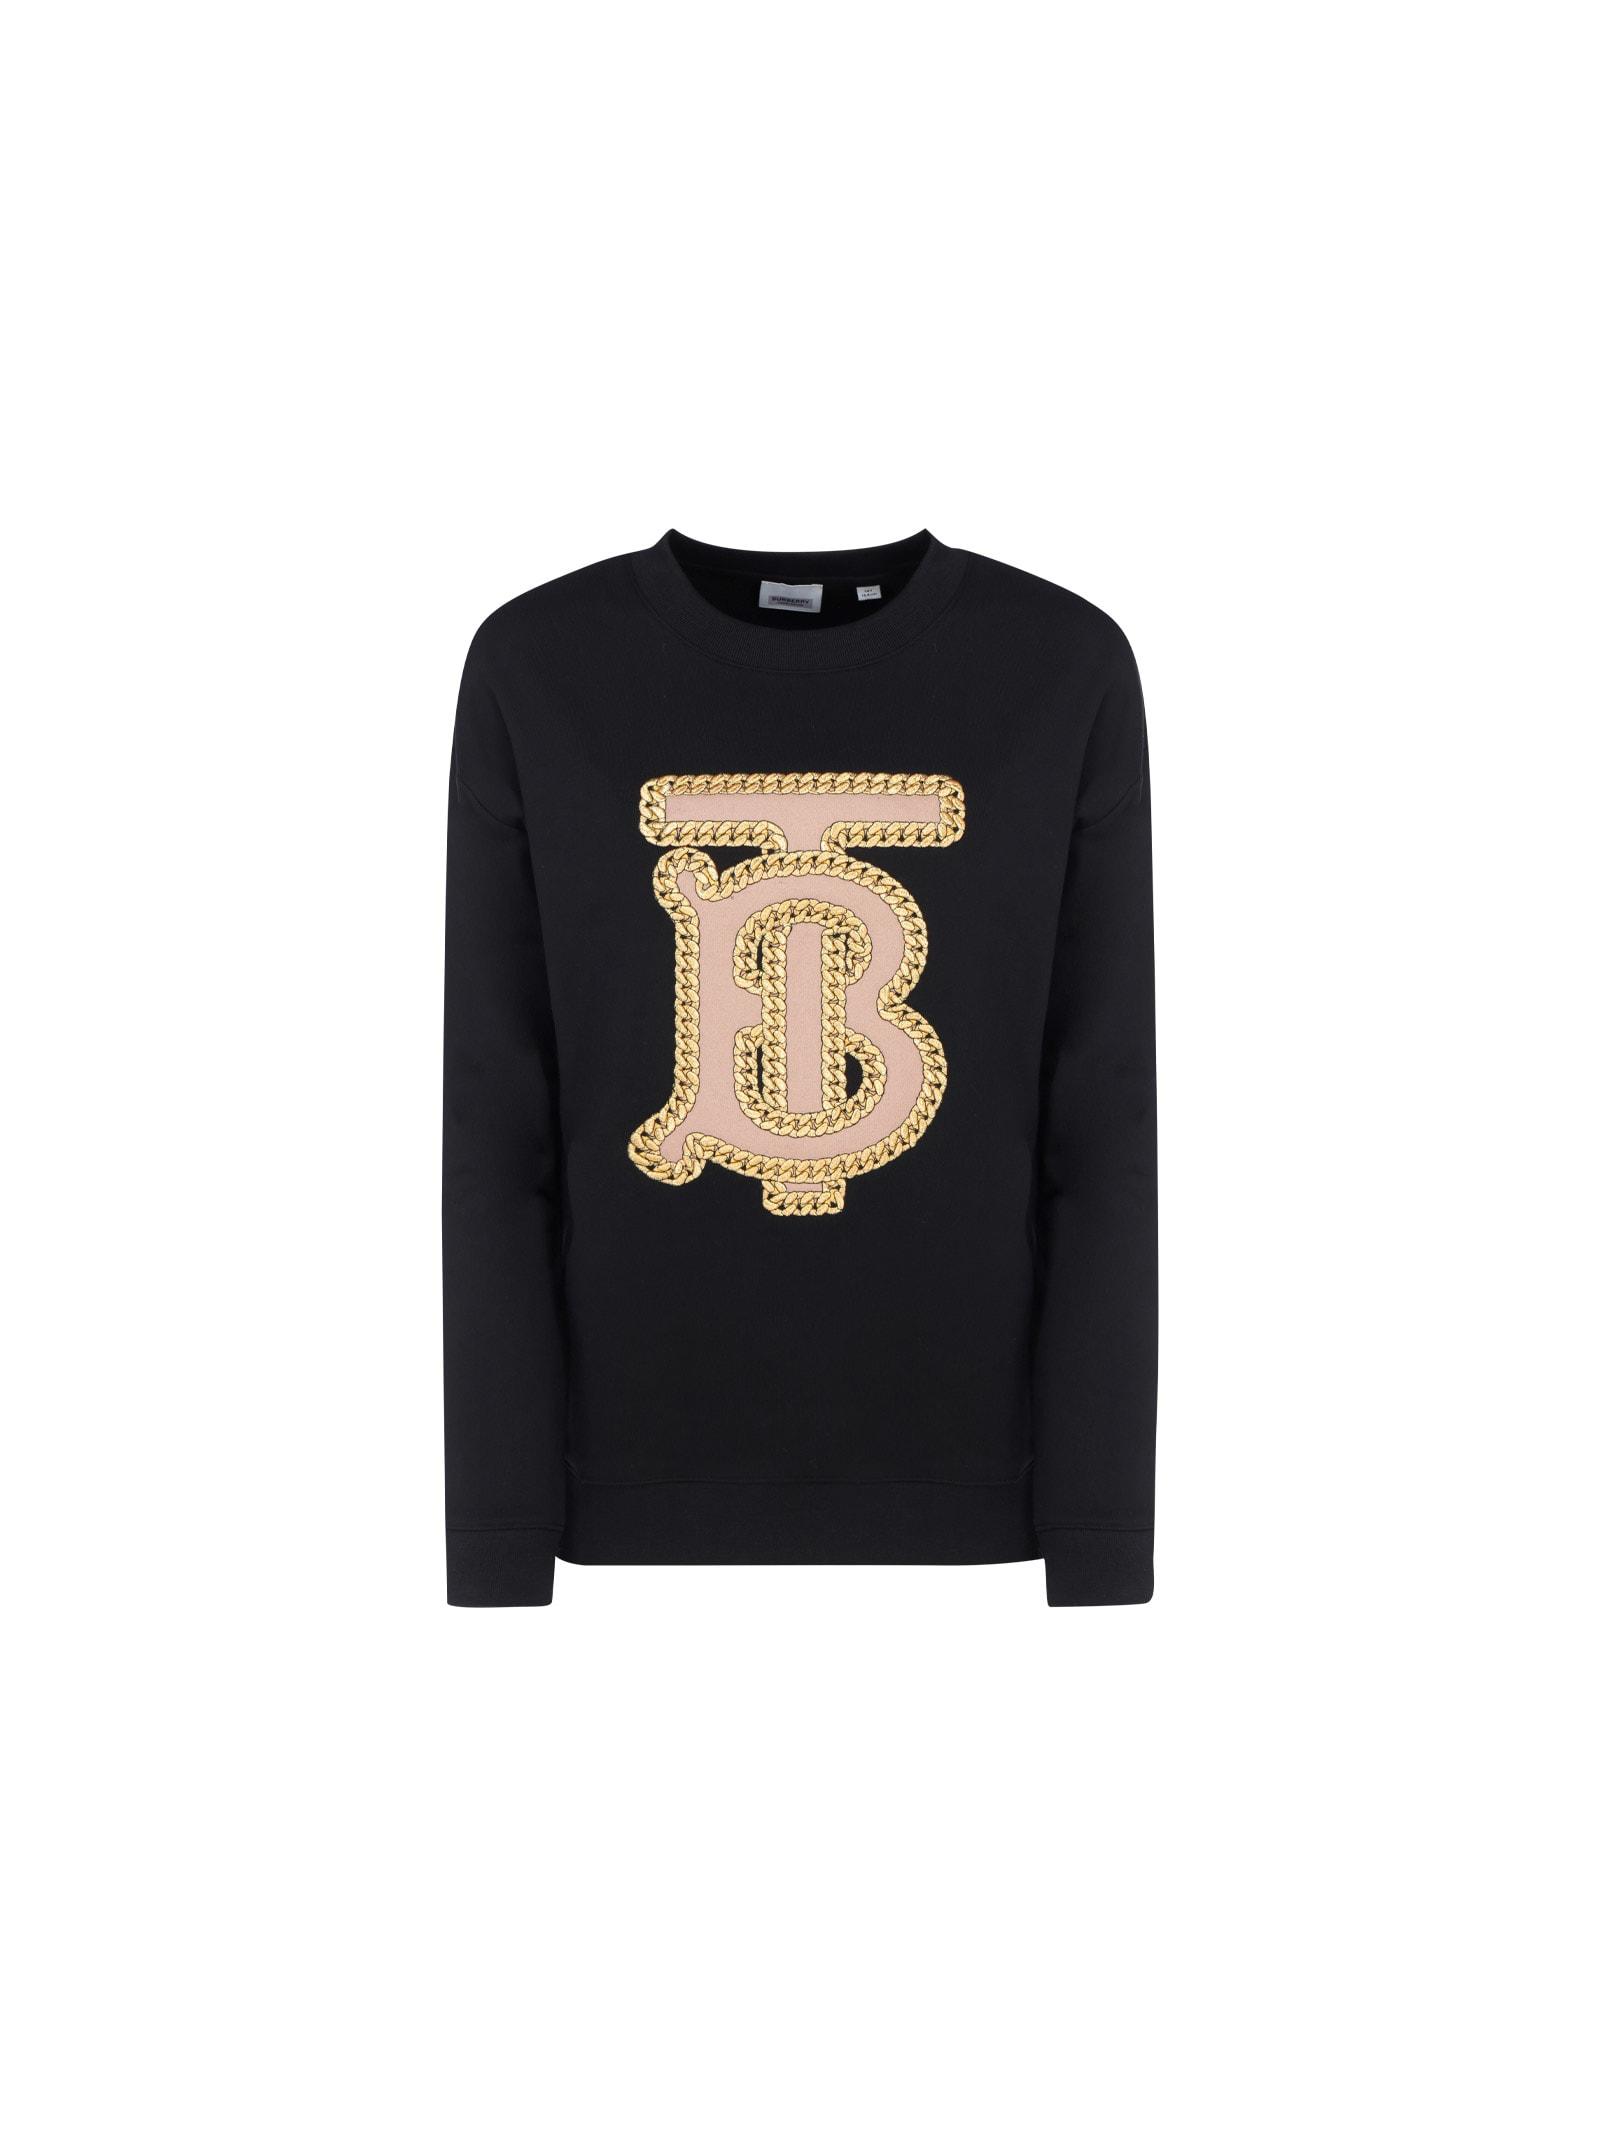 Burberry Kids' Sweatshirt In Black